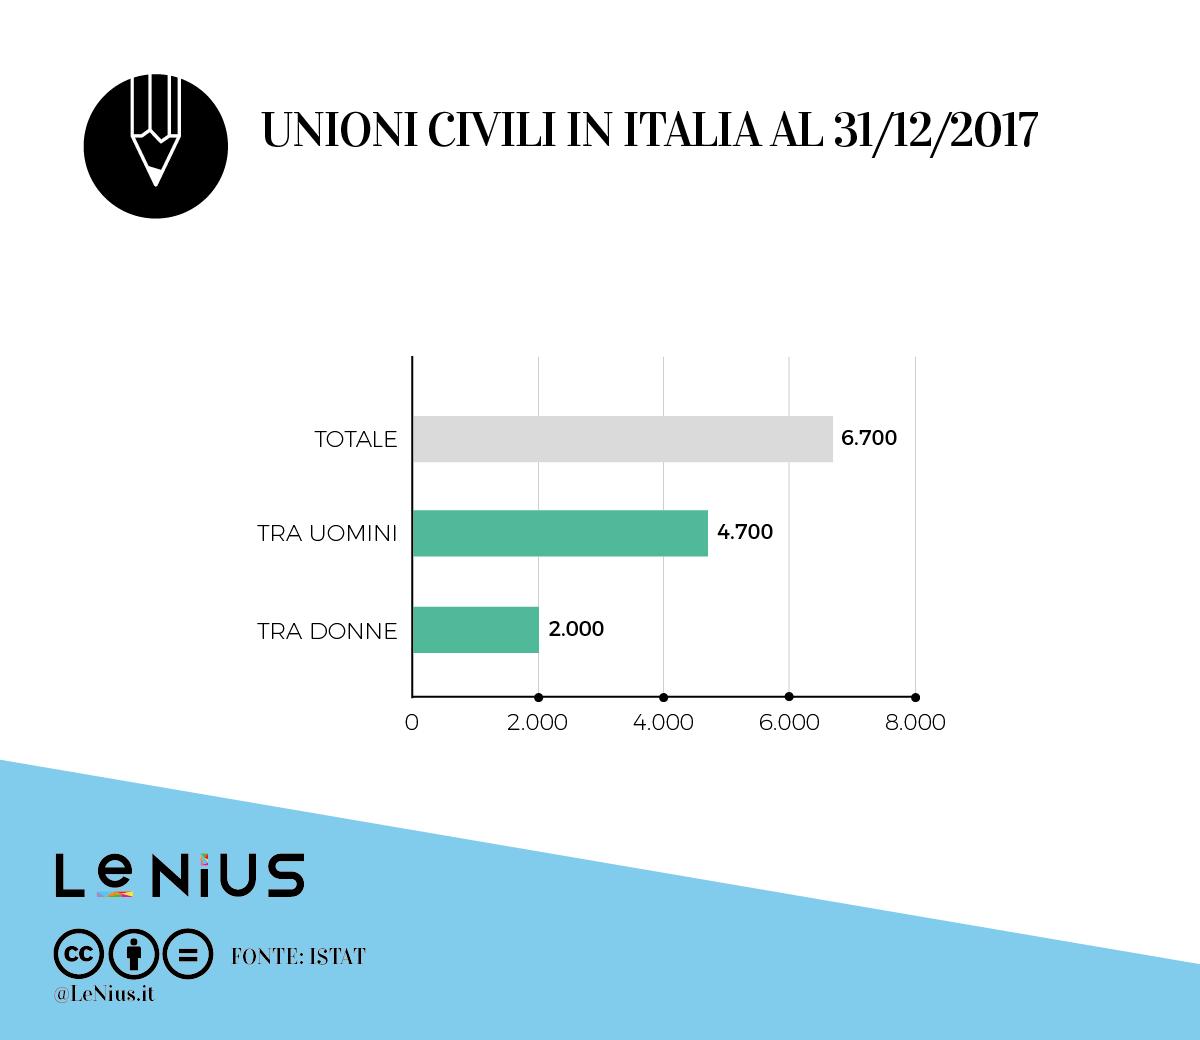 unioni civili in italia